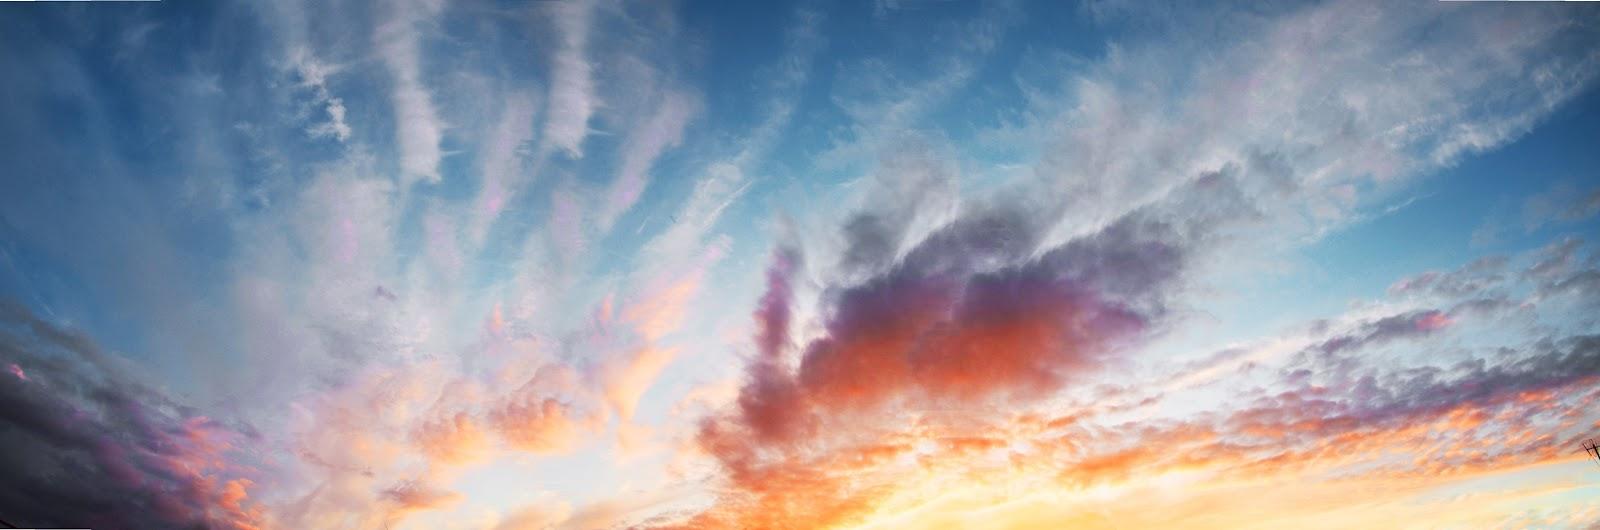 Летний закат. Фотография